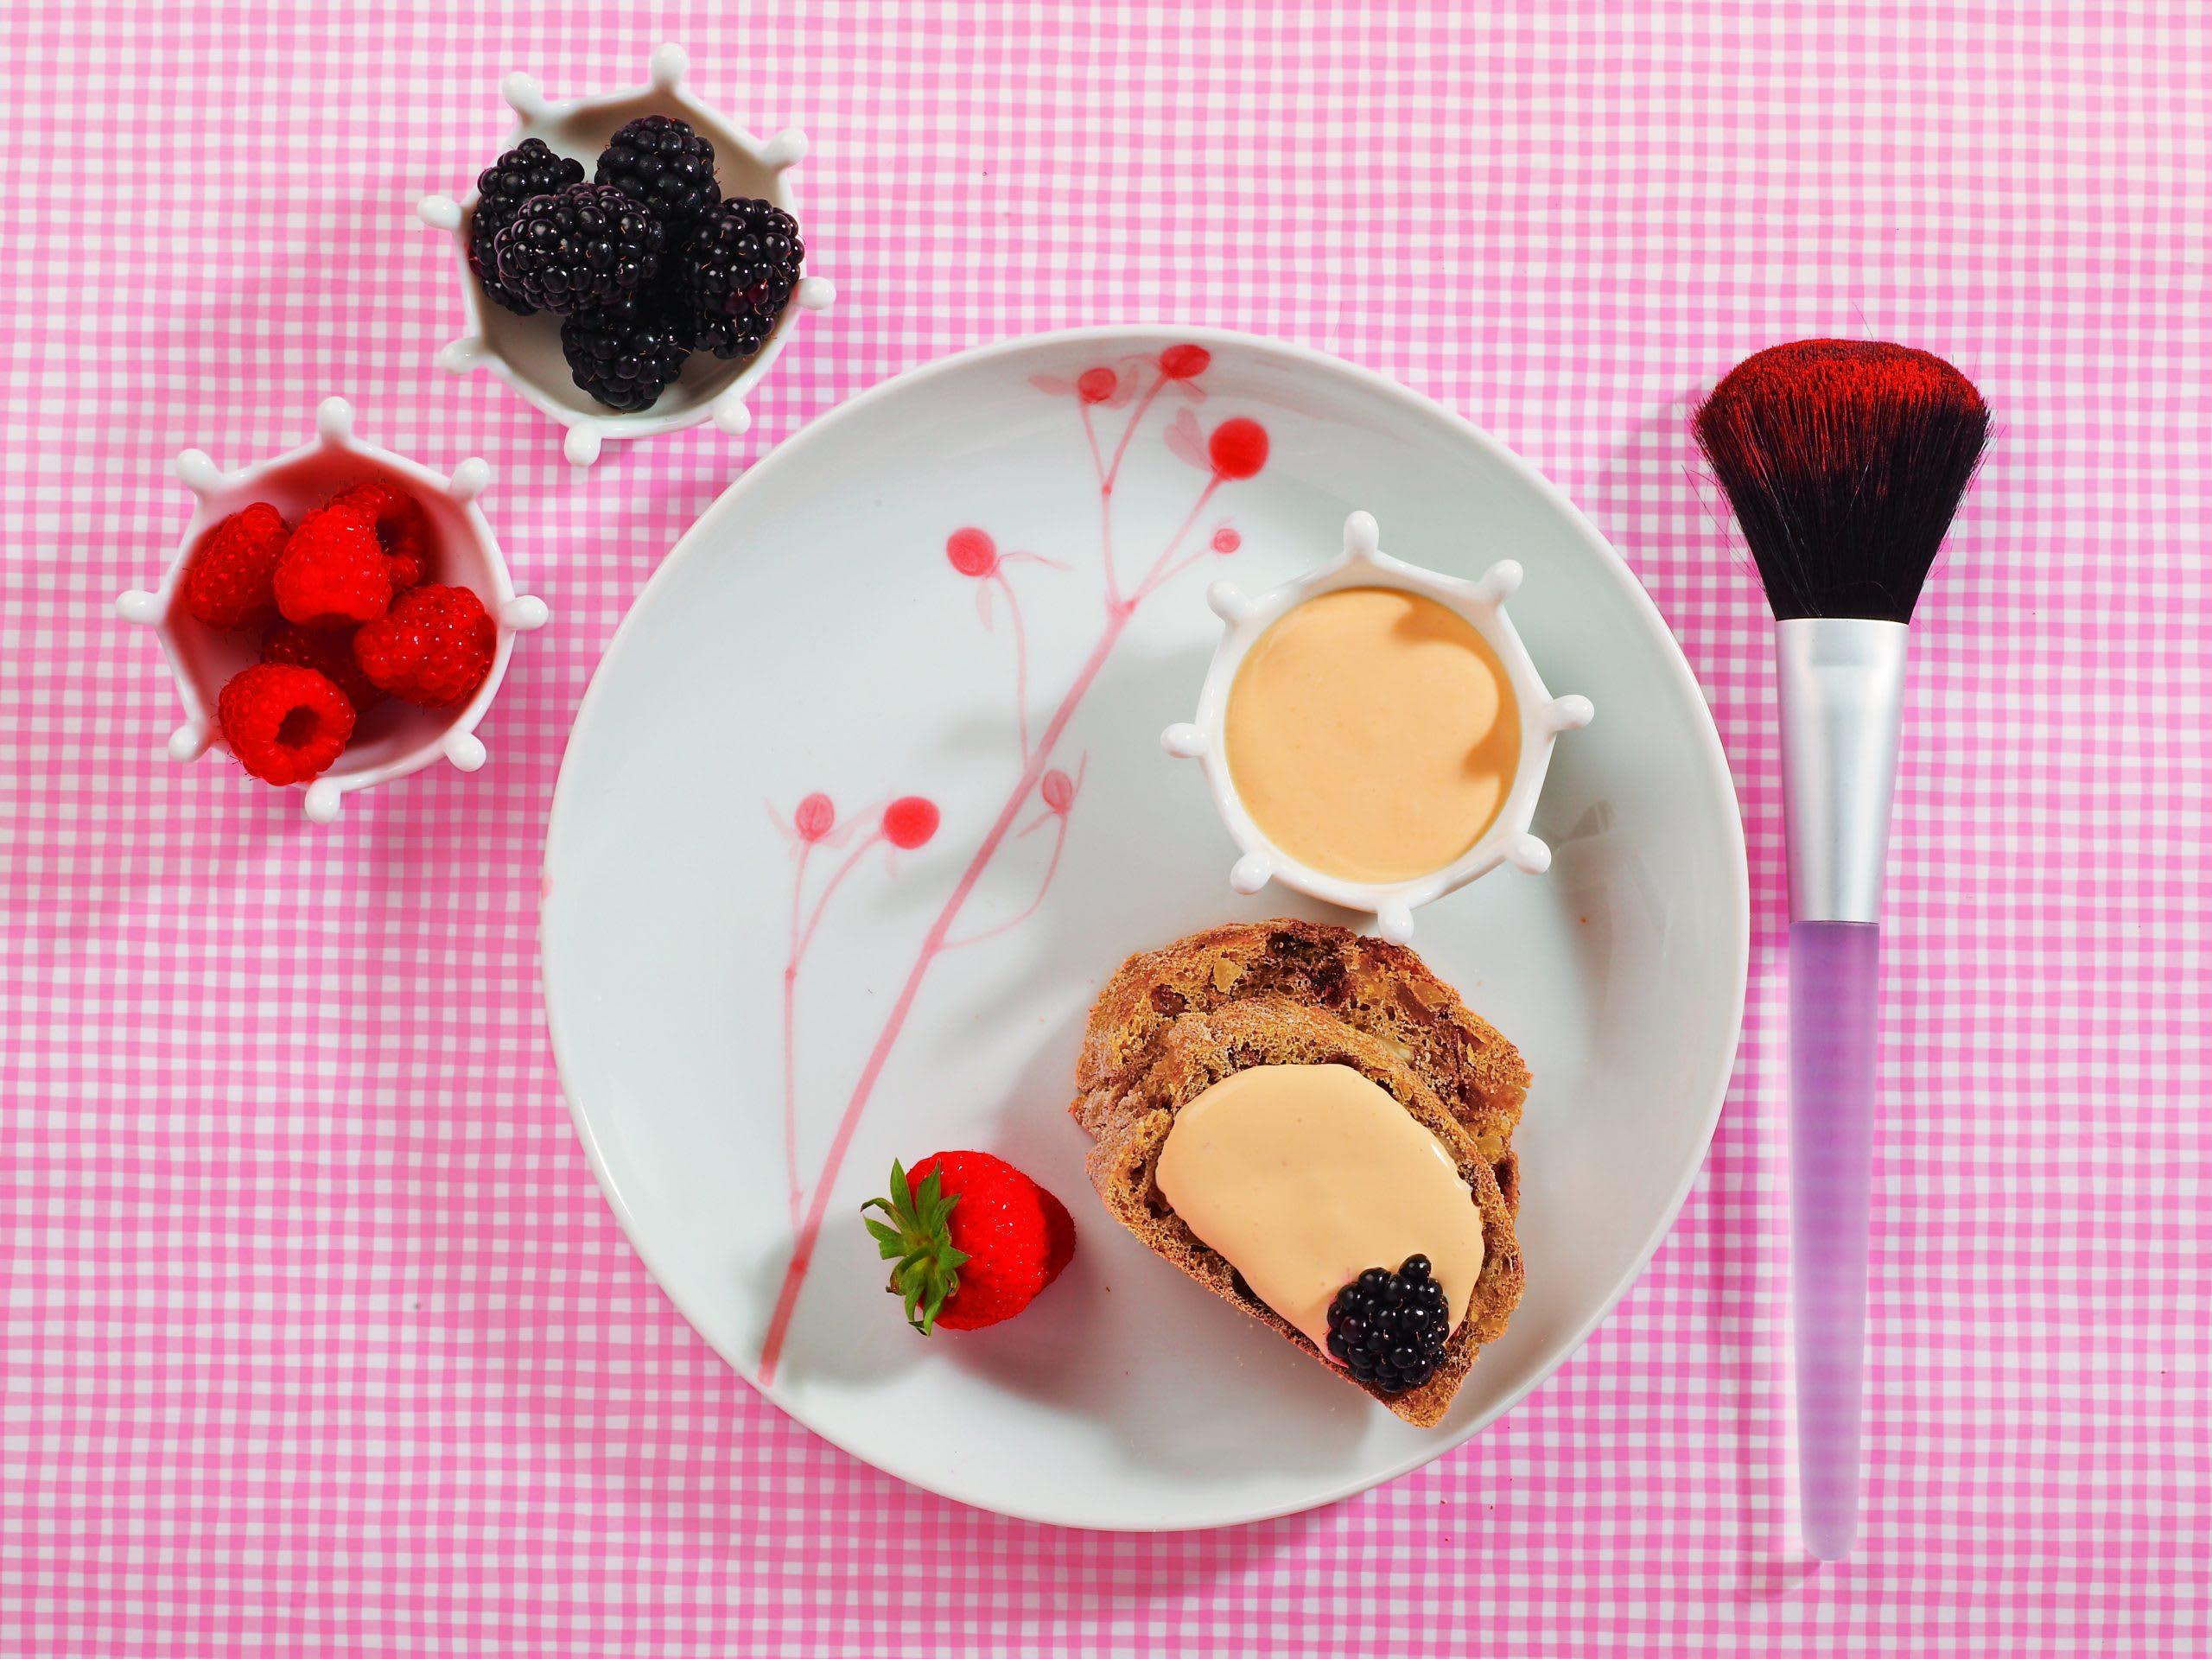 Vanillemilchcrème mit Früchten